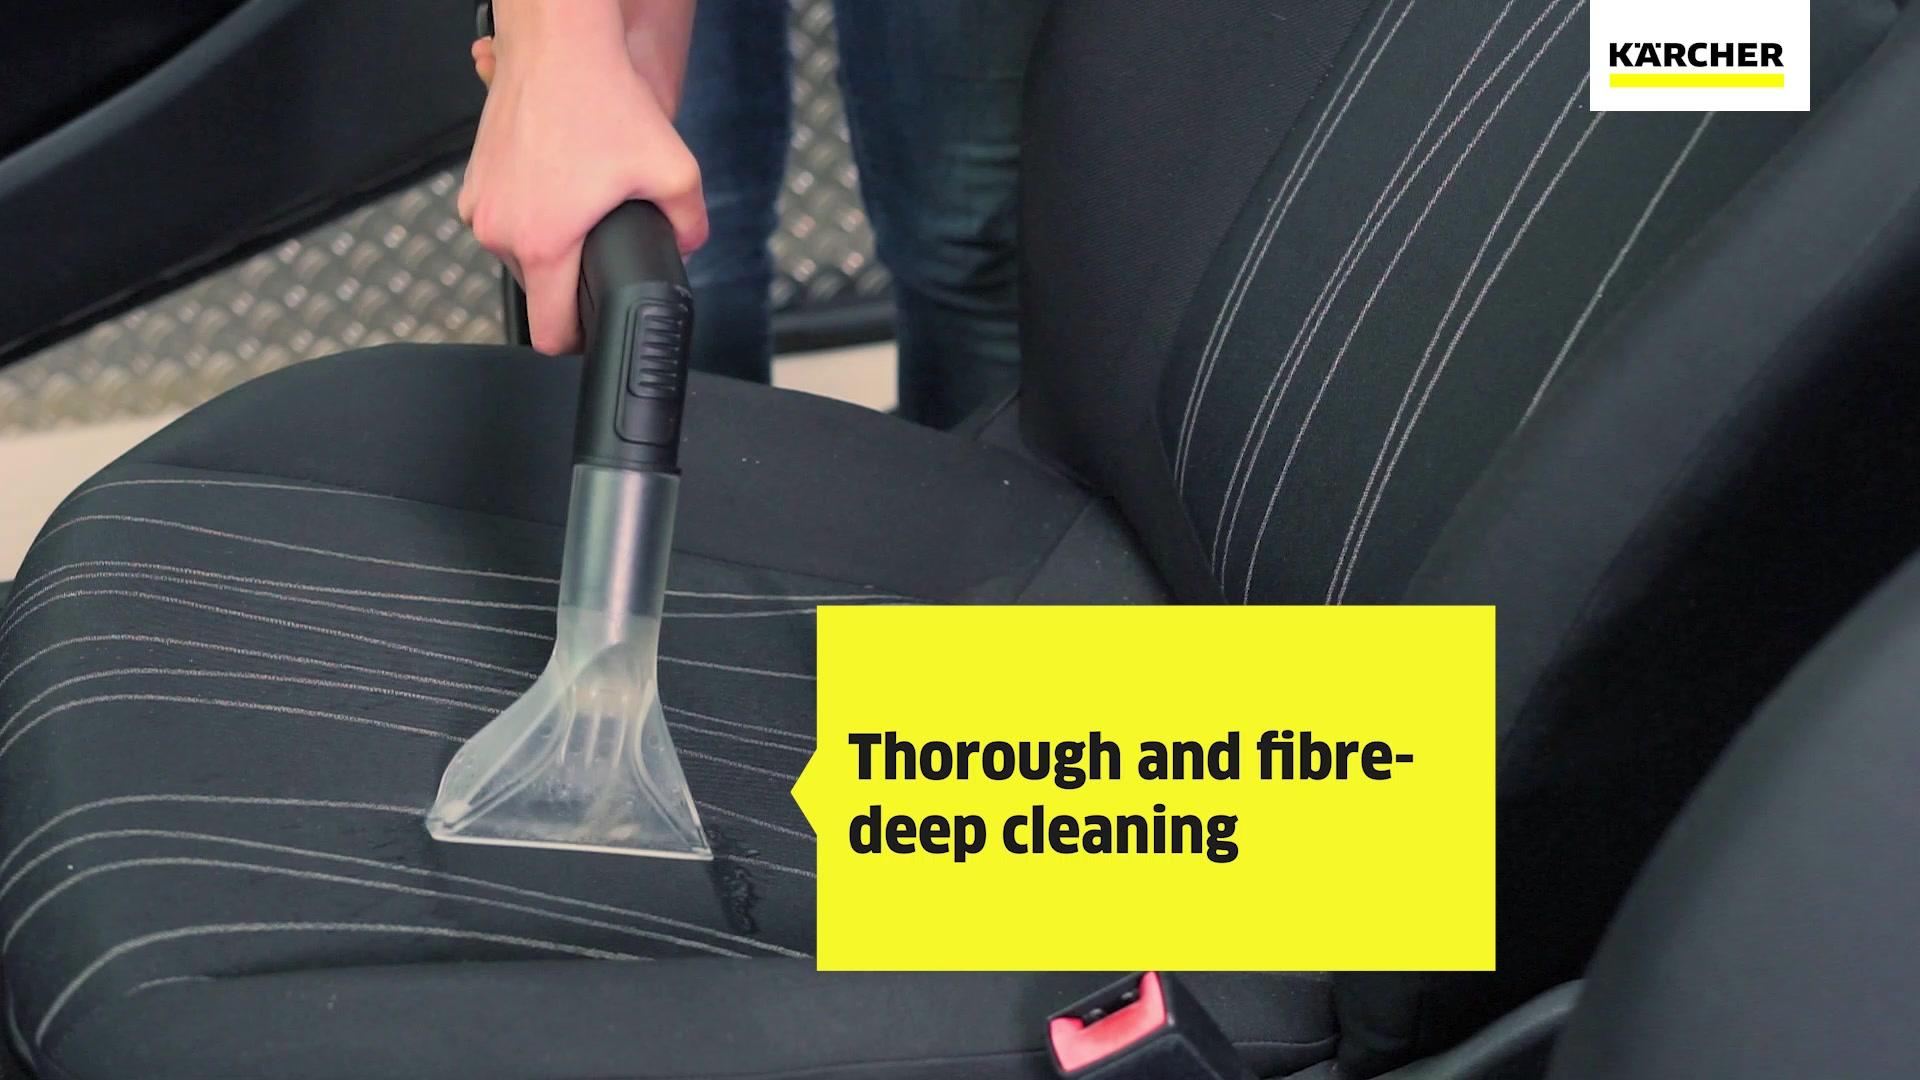 Carpet Cleaner SE 6100